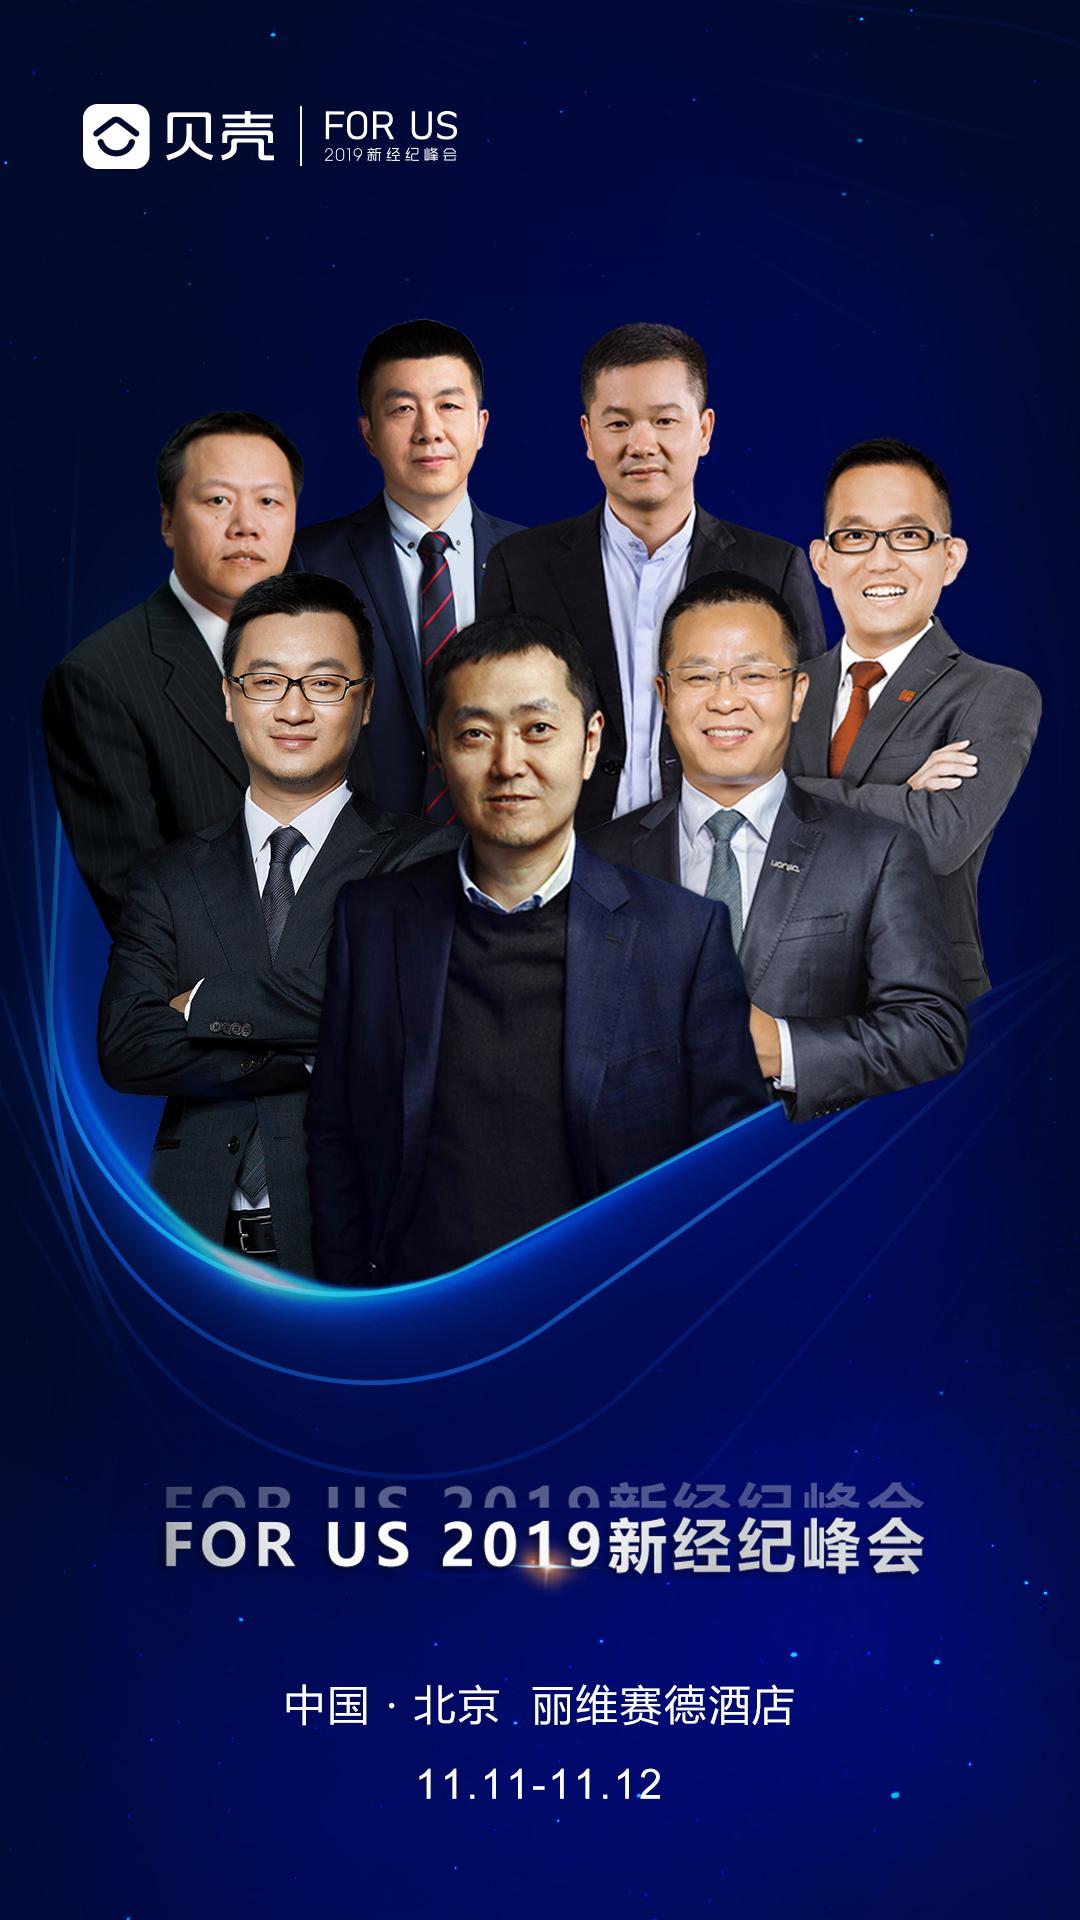 """2019新经纪峰会即将开幕 左晖、彭永东、卢航等大咖齐聚""""论道""""新经纪"""